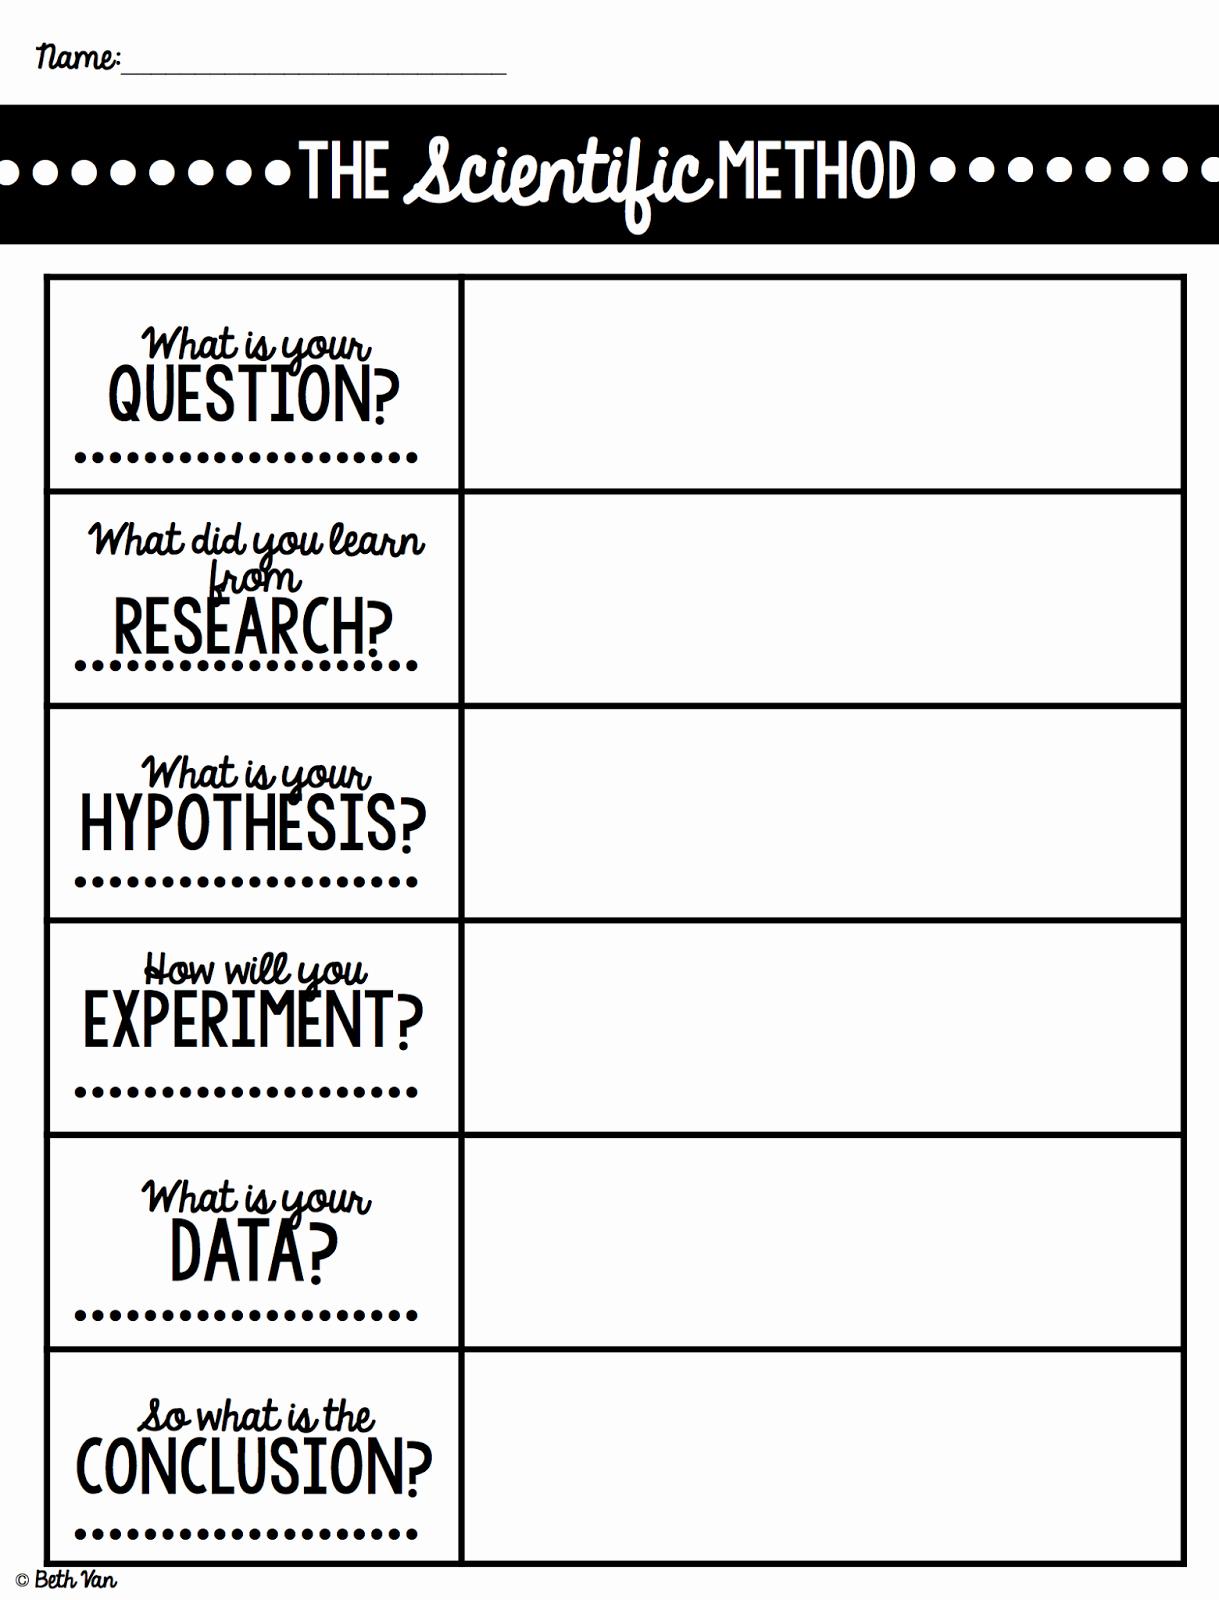 50 Scientific Method Steps Worksheet